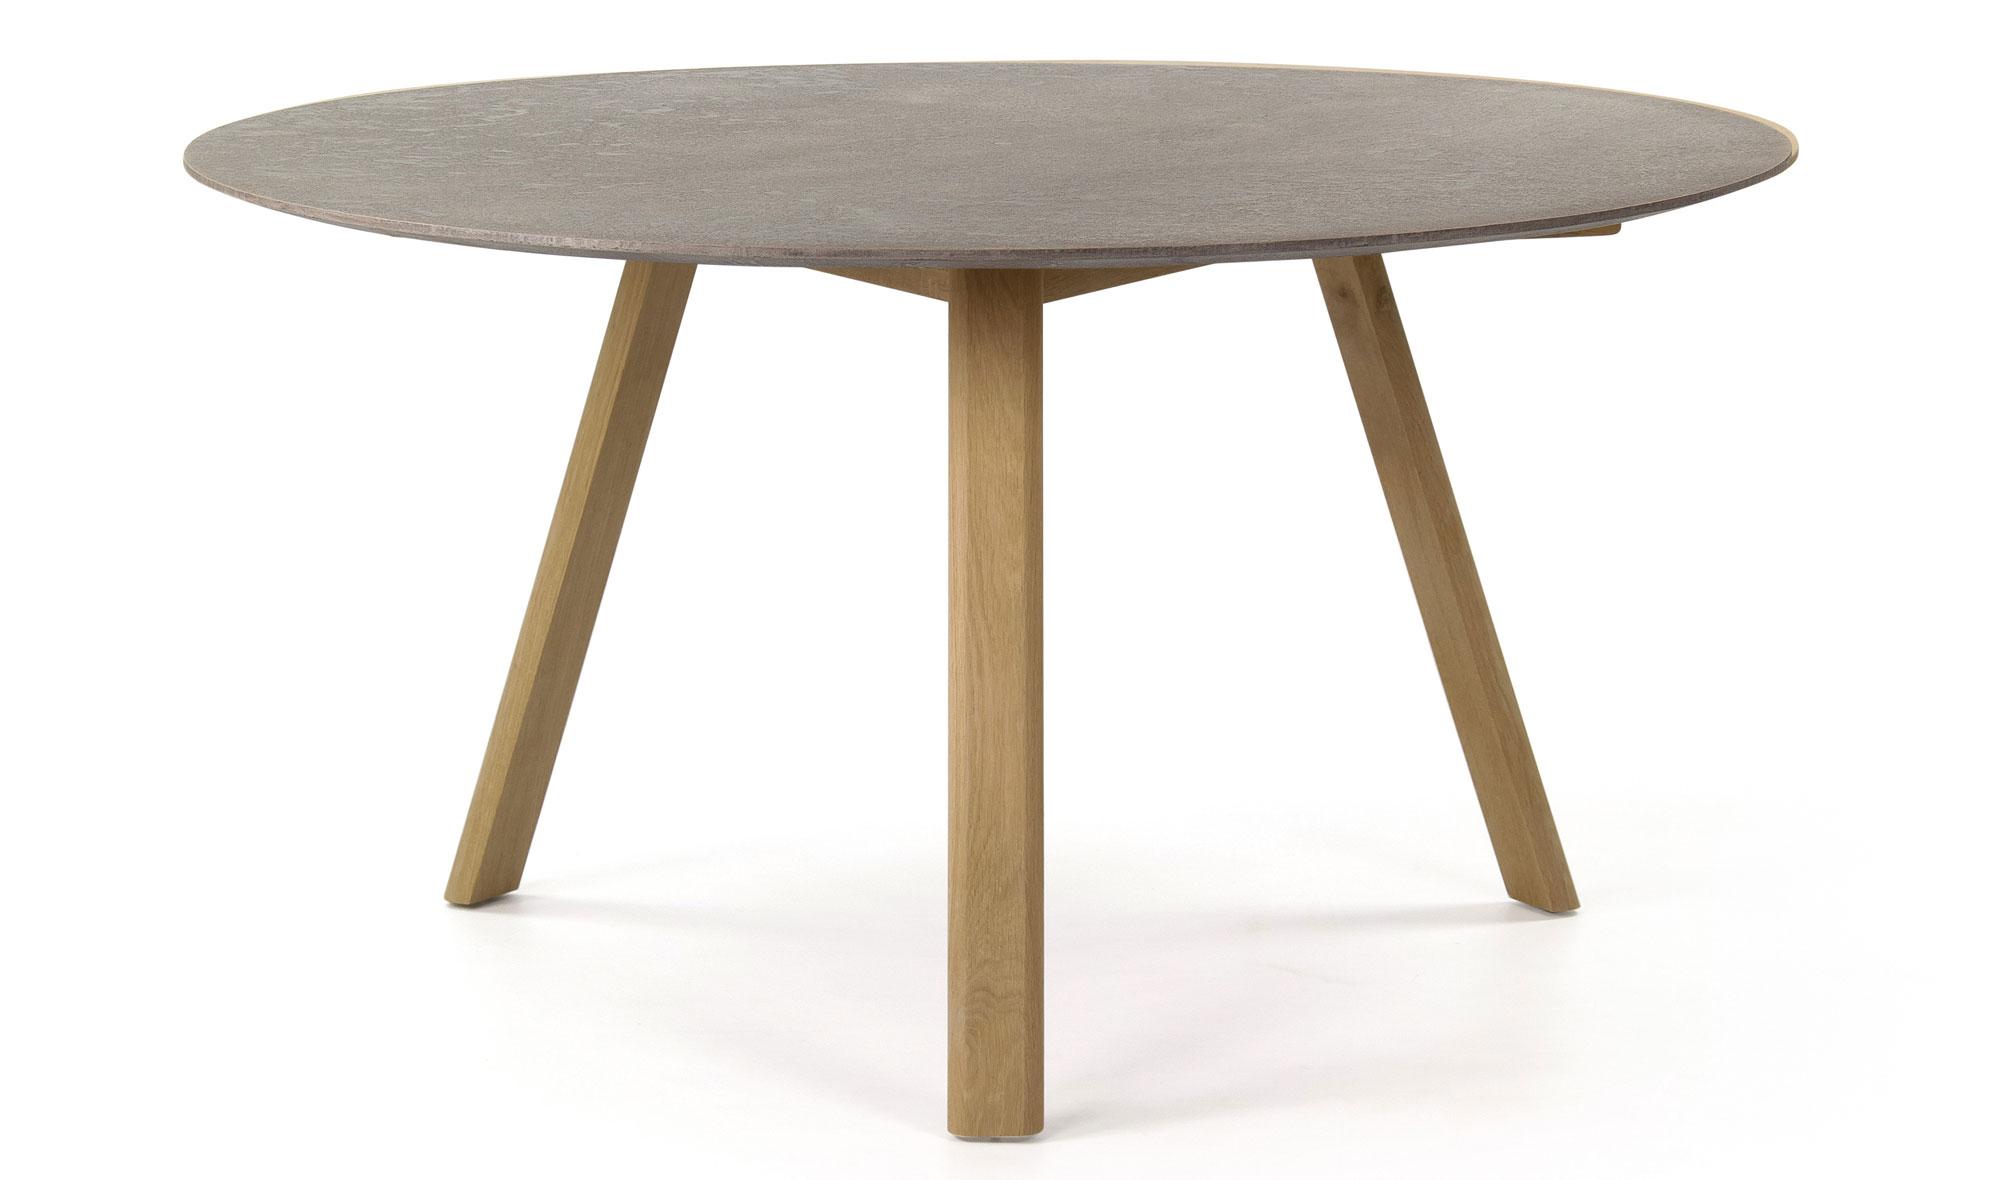 Mesa de comedor redonda n rdica cemento en - Mesa comedor redonda madera ...